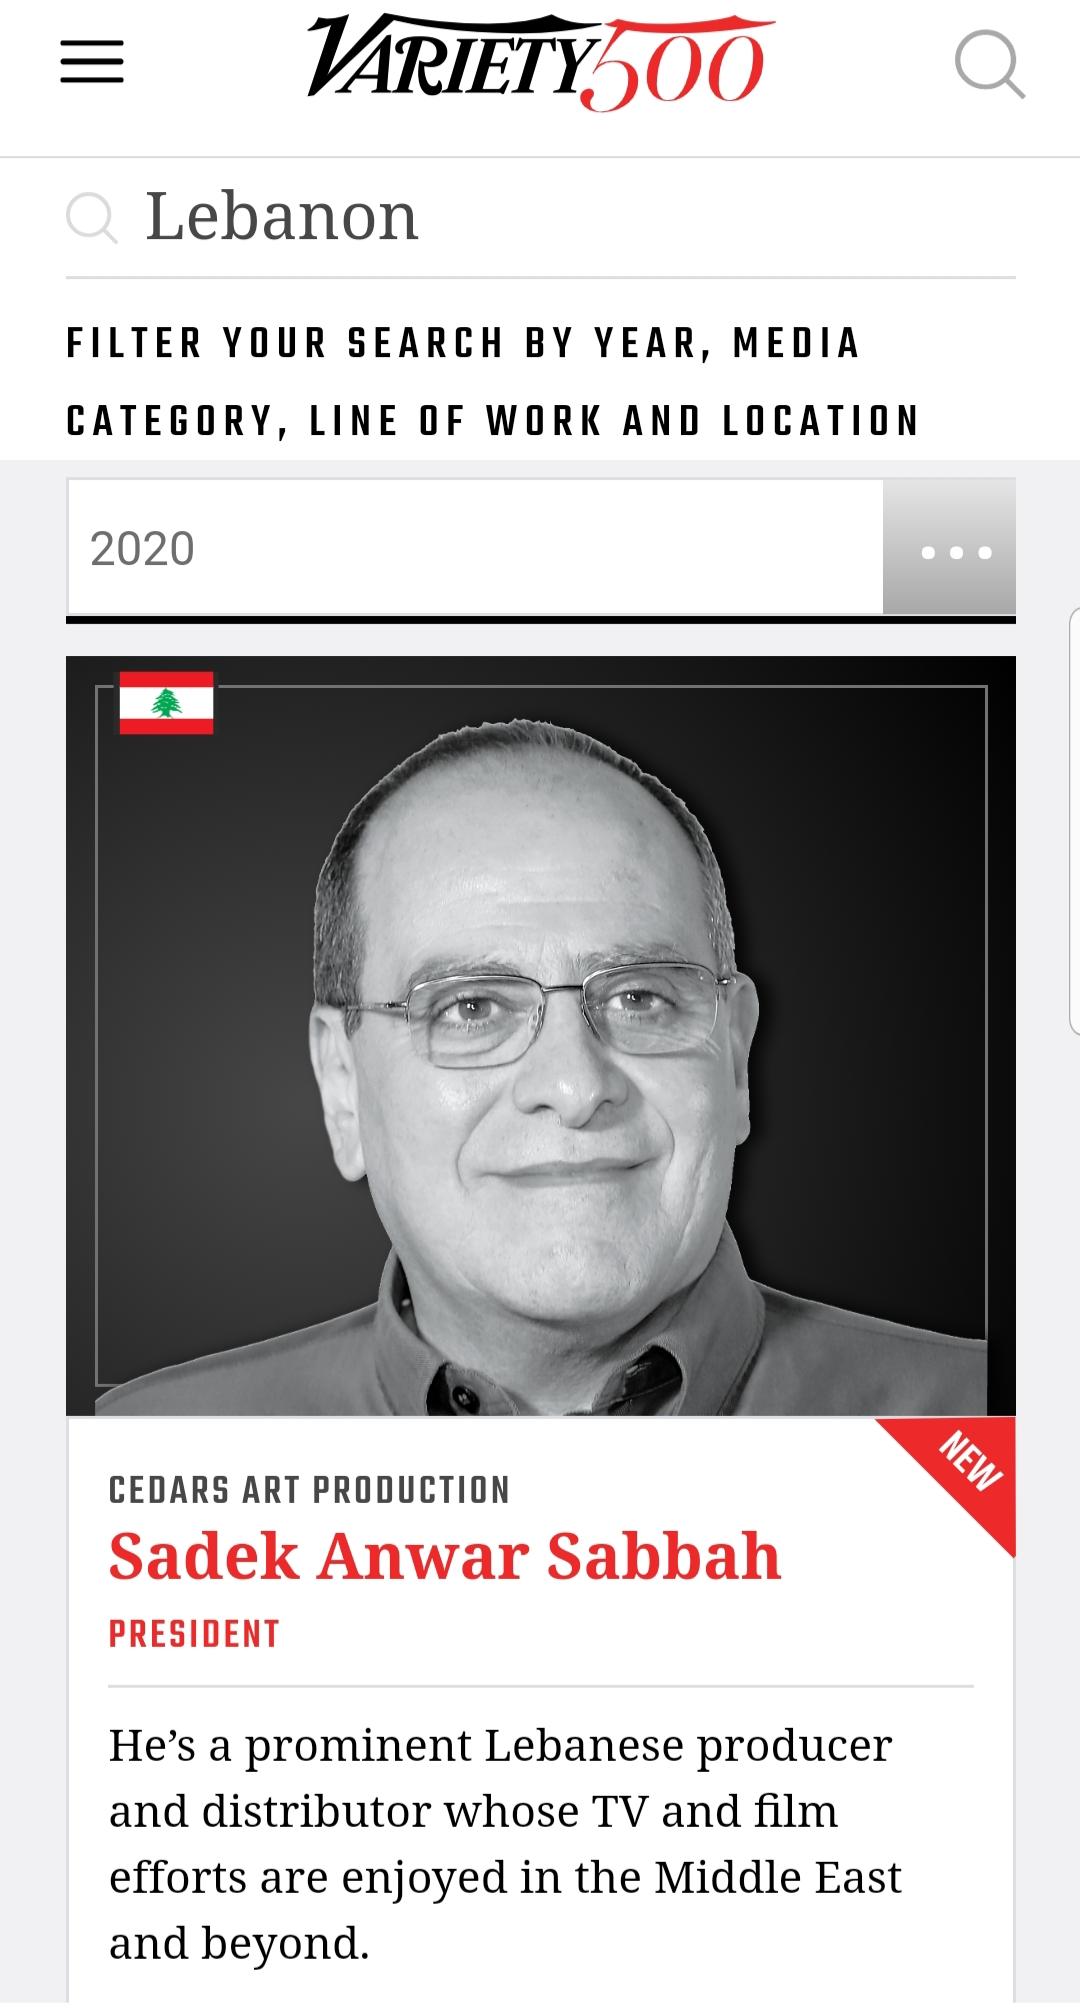 مجلة Variety 500 العالمية  تختار صادق الصبّاح من أبرز الشخصيات العربية المؤثرة على مستوى العالم